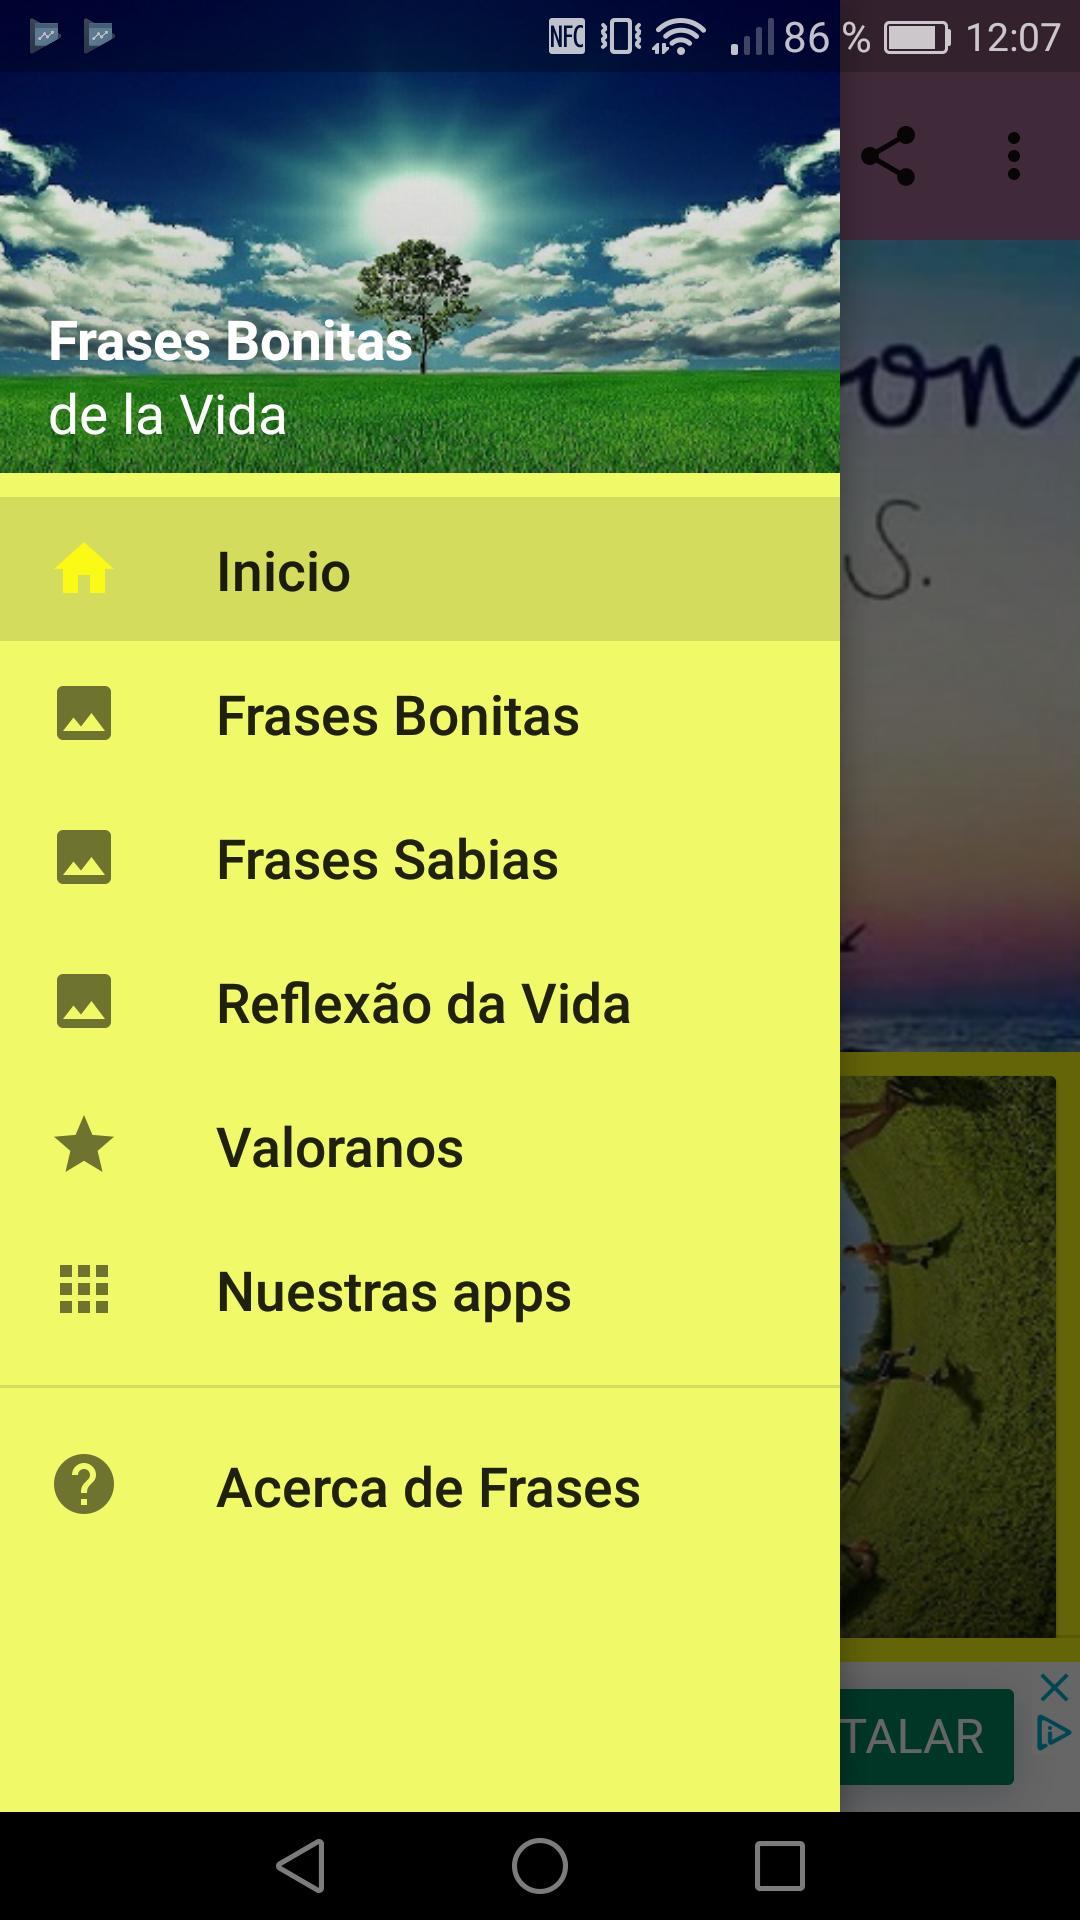 Frases Bonitas De La Vida для андроид скачать Apk